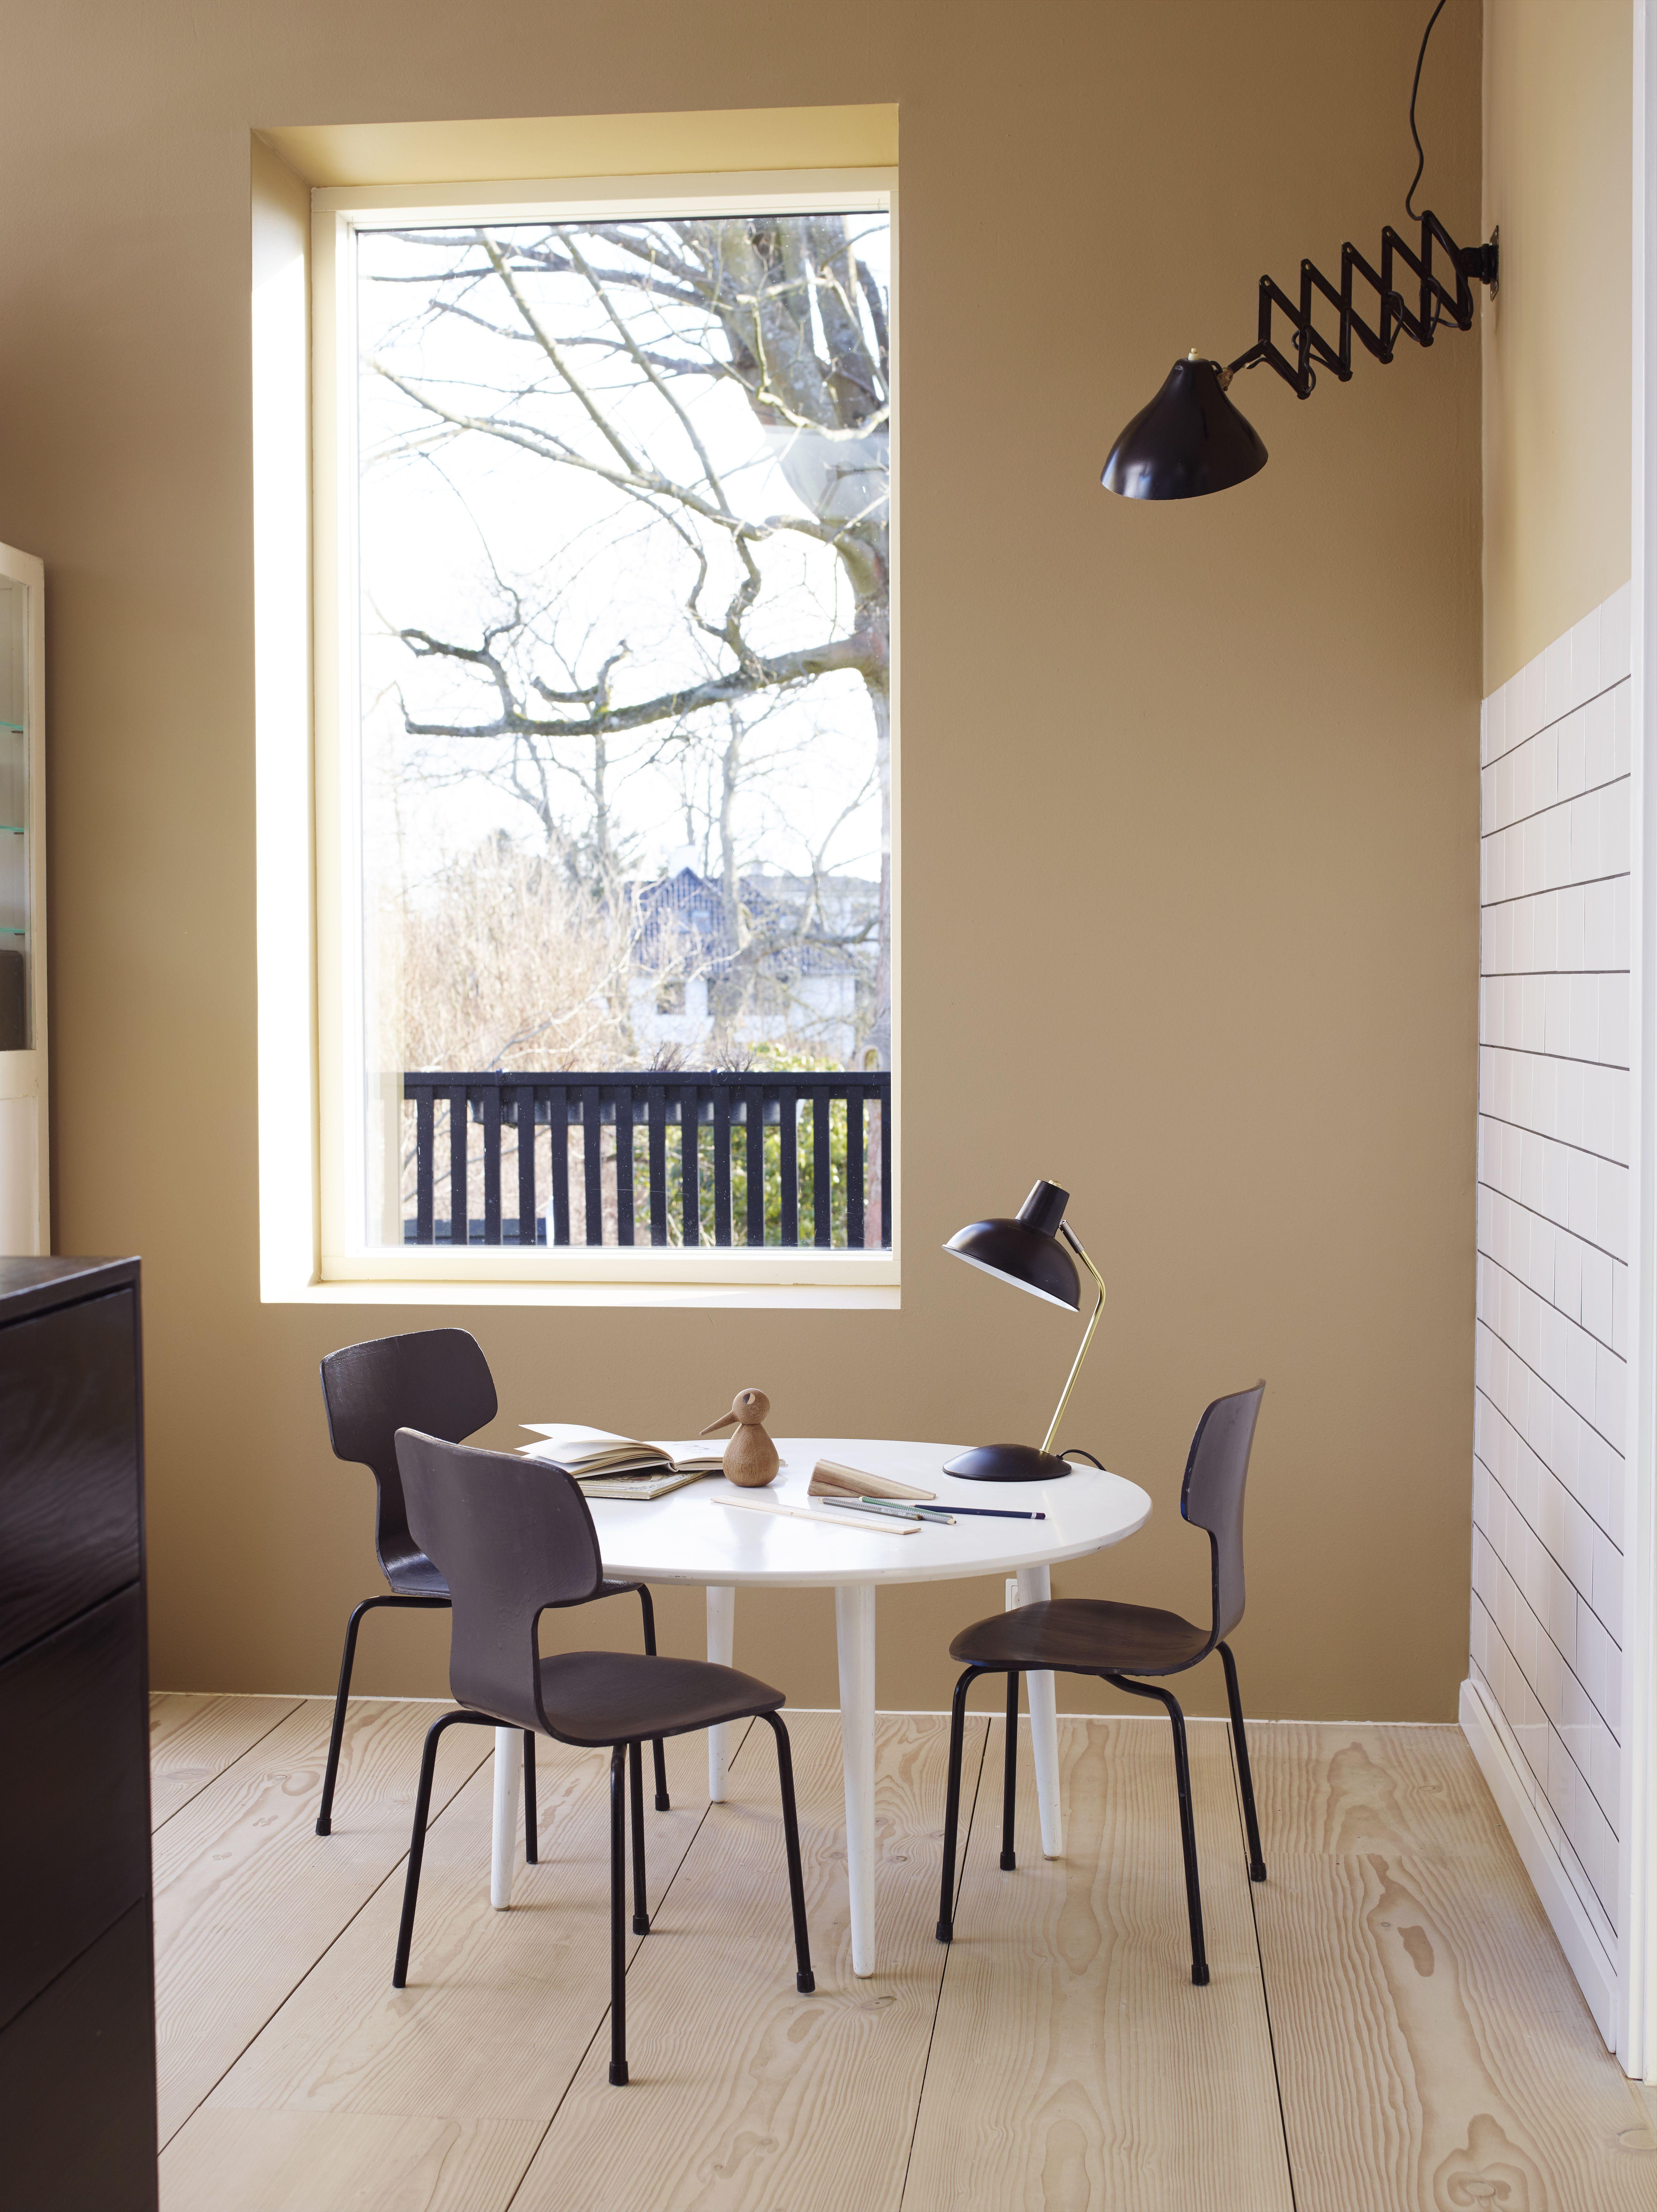 Los Colores Marrones Y Tonos Tierra Combinan Con Todo Tipo De Estilos Y Encajan Bien En Cualquier Habitacion Pintura De Interiores Decoraciones De Casa Hogar